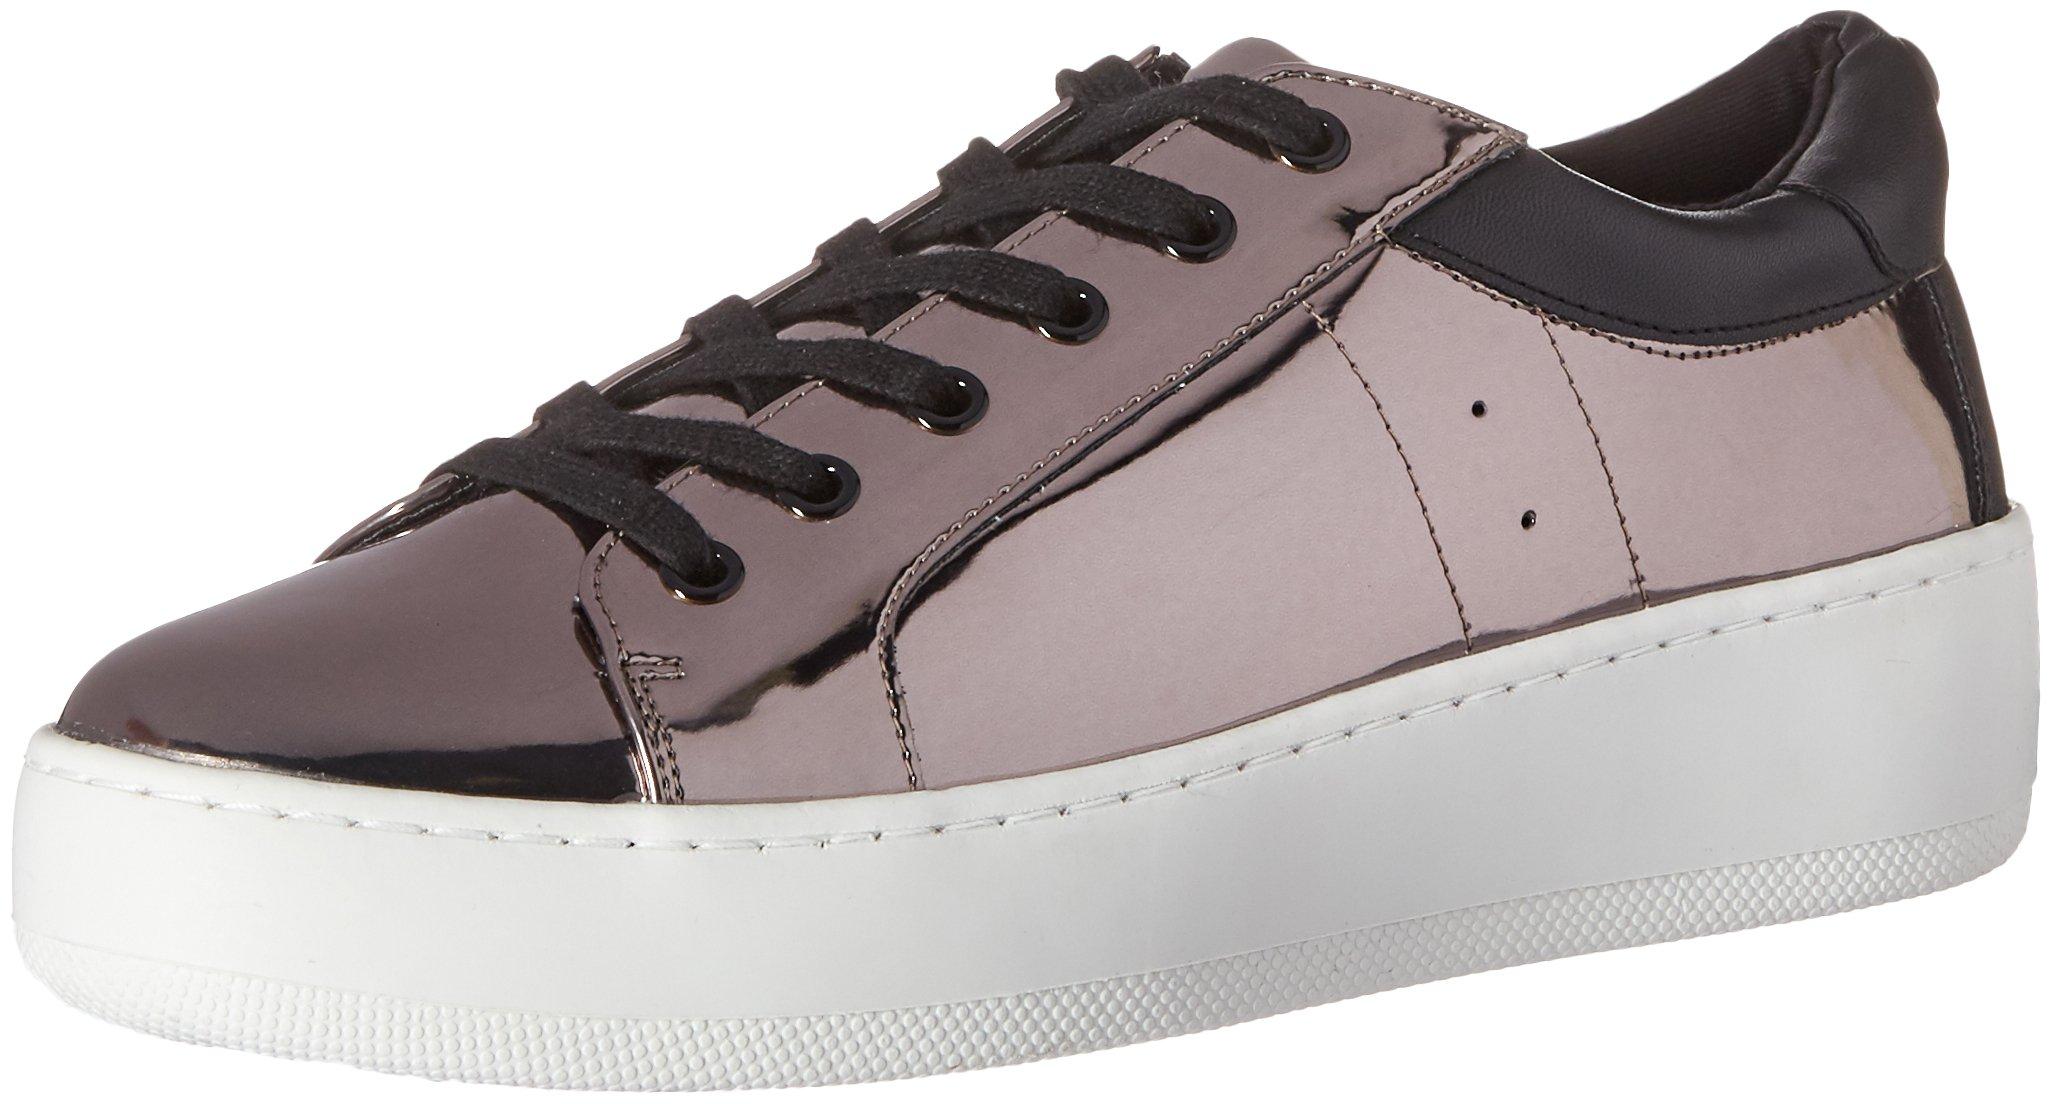 Steve Madden Women's Bertie-M Fashion Sneaker, Pewter, 6 M US